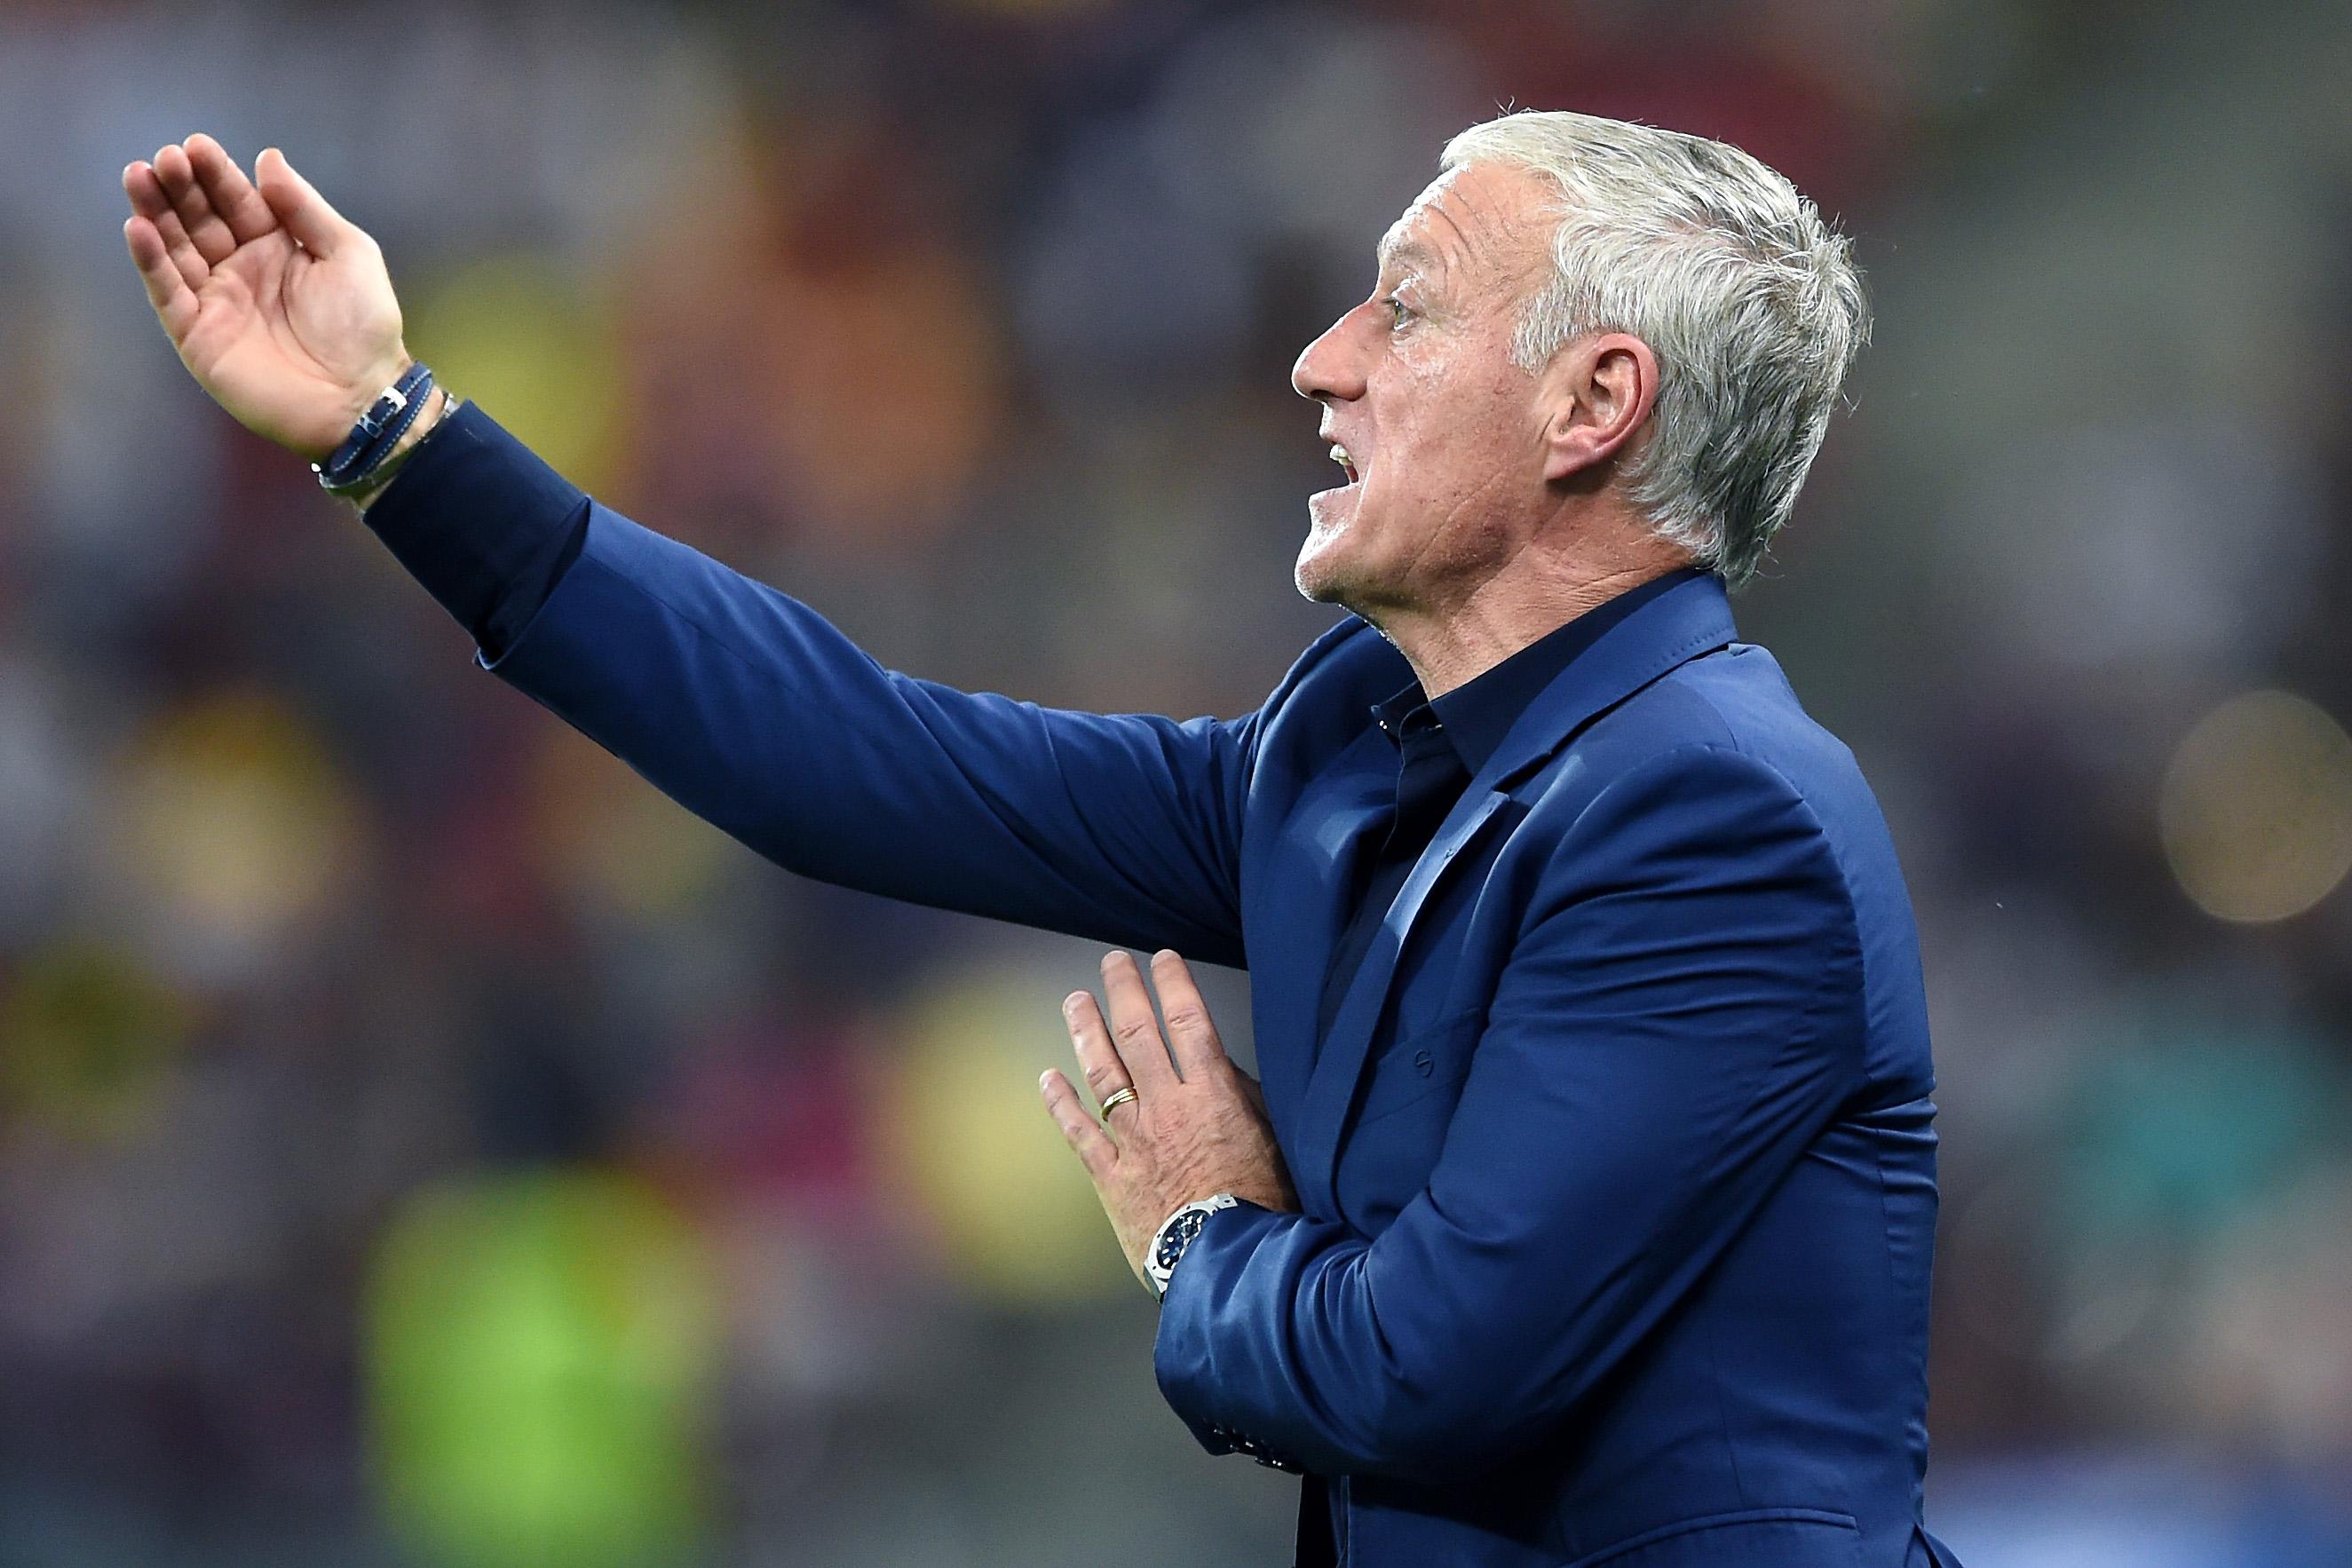 Deschamps pentito con ritardo: Che errore feci con la Juve |  Sport e Vai